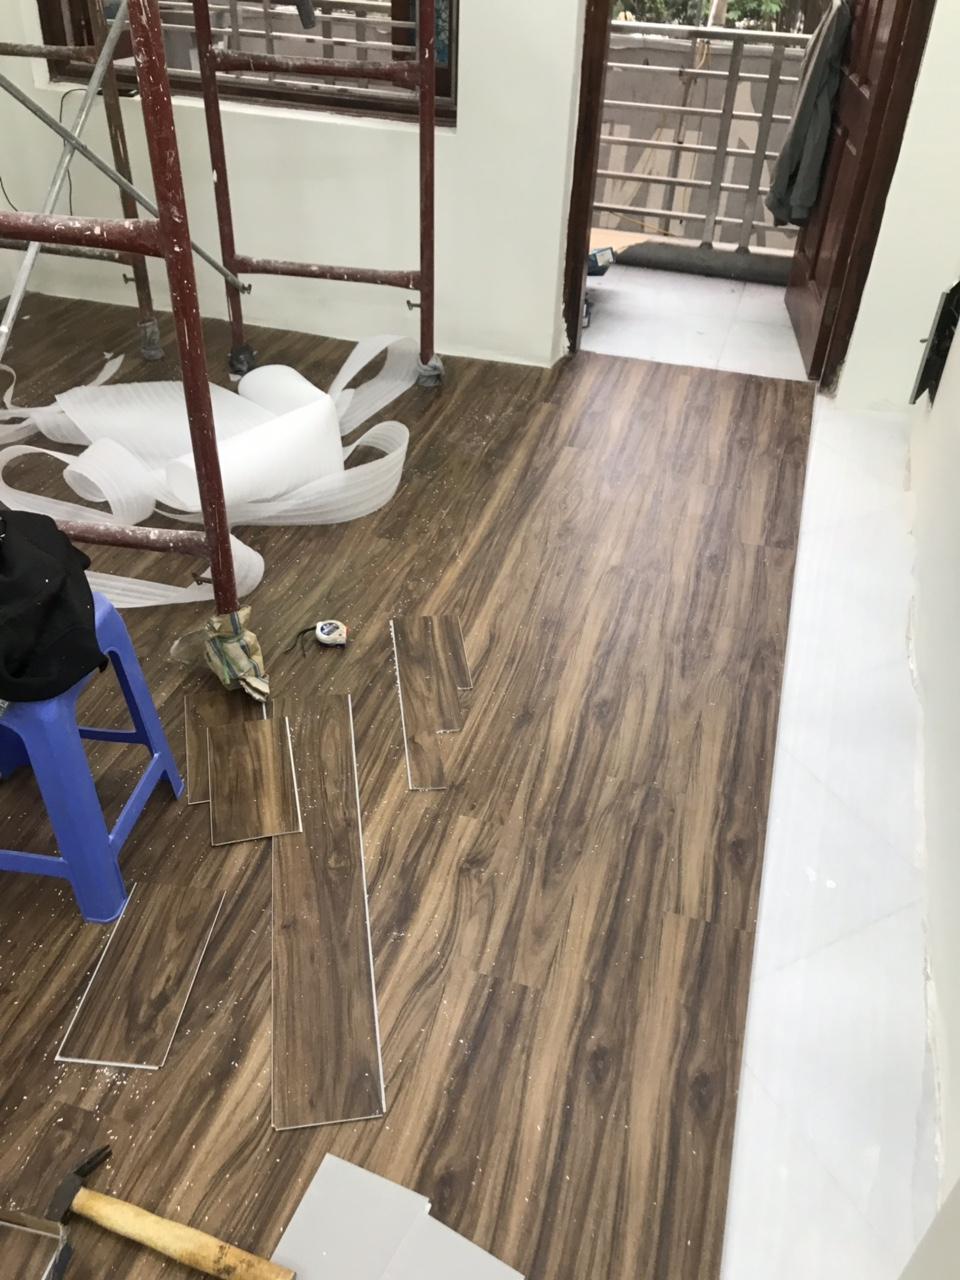 thi công sàn nhựa hèm khóa cao cấp, giá sàn nhựa dán keo, giá sàn vinyl vân gỗ,